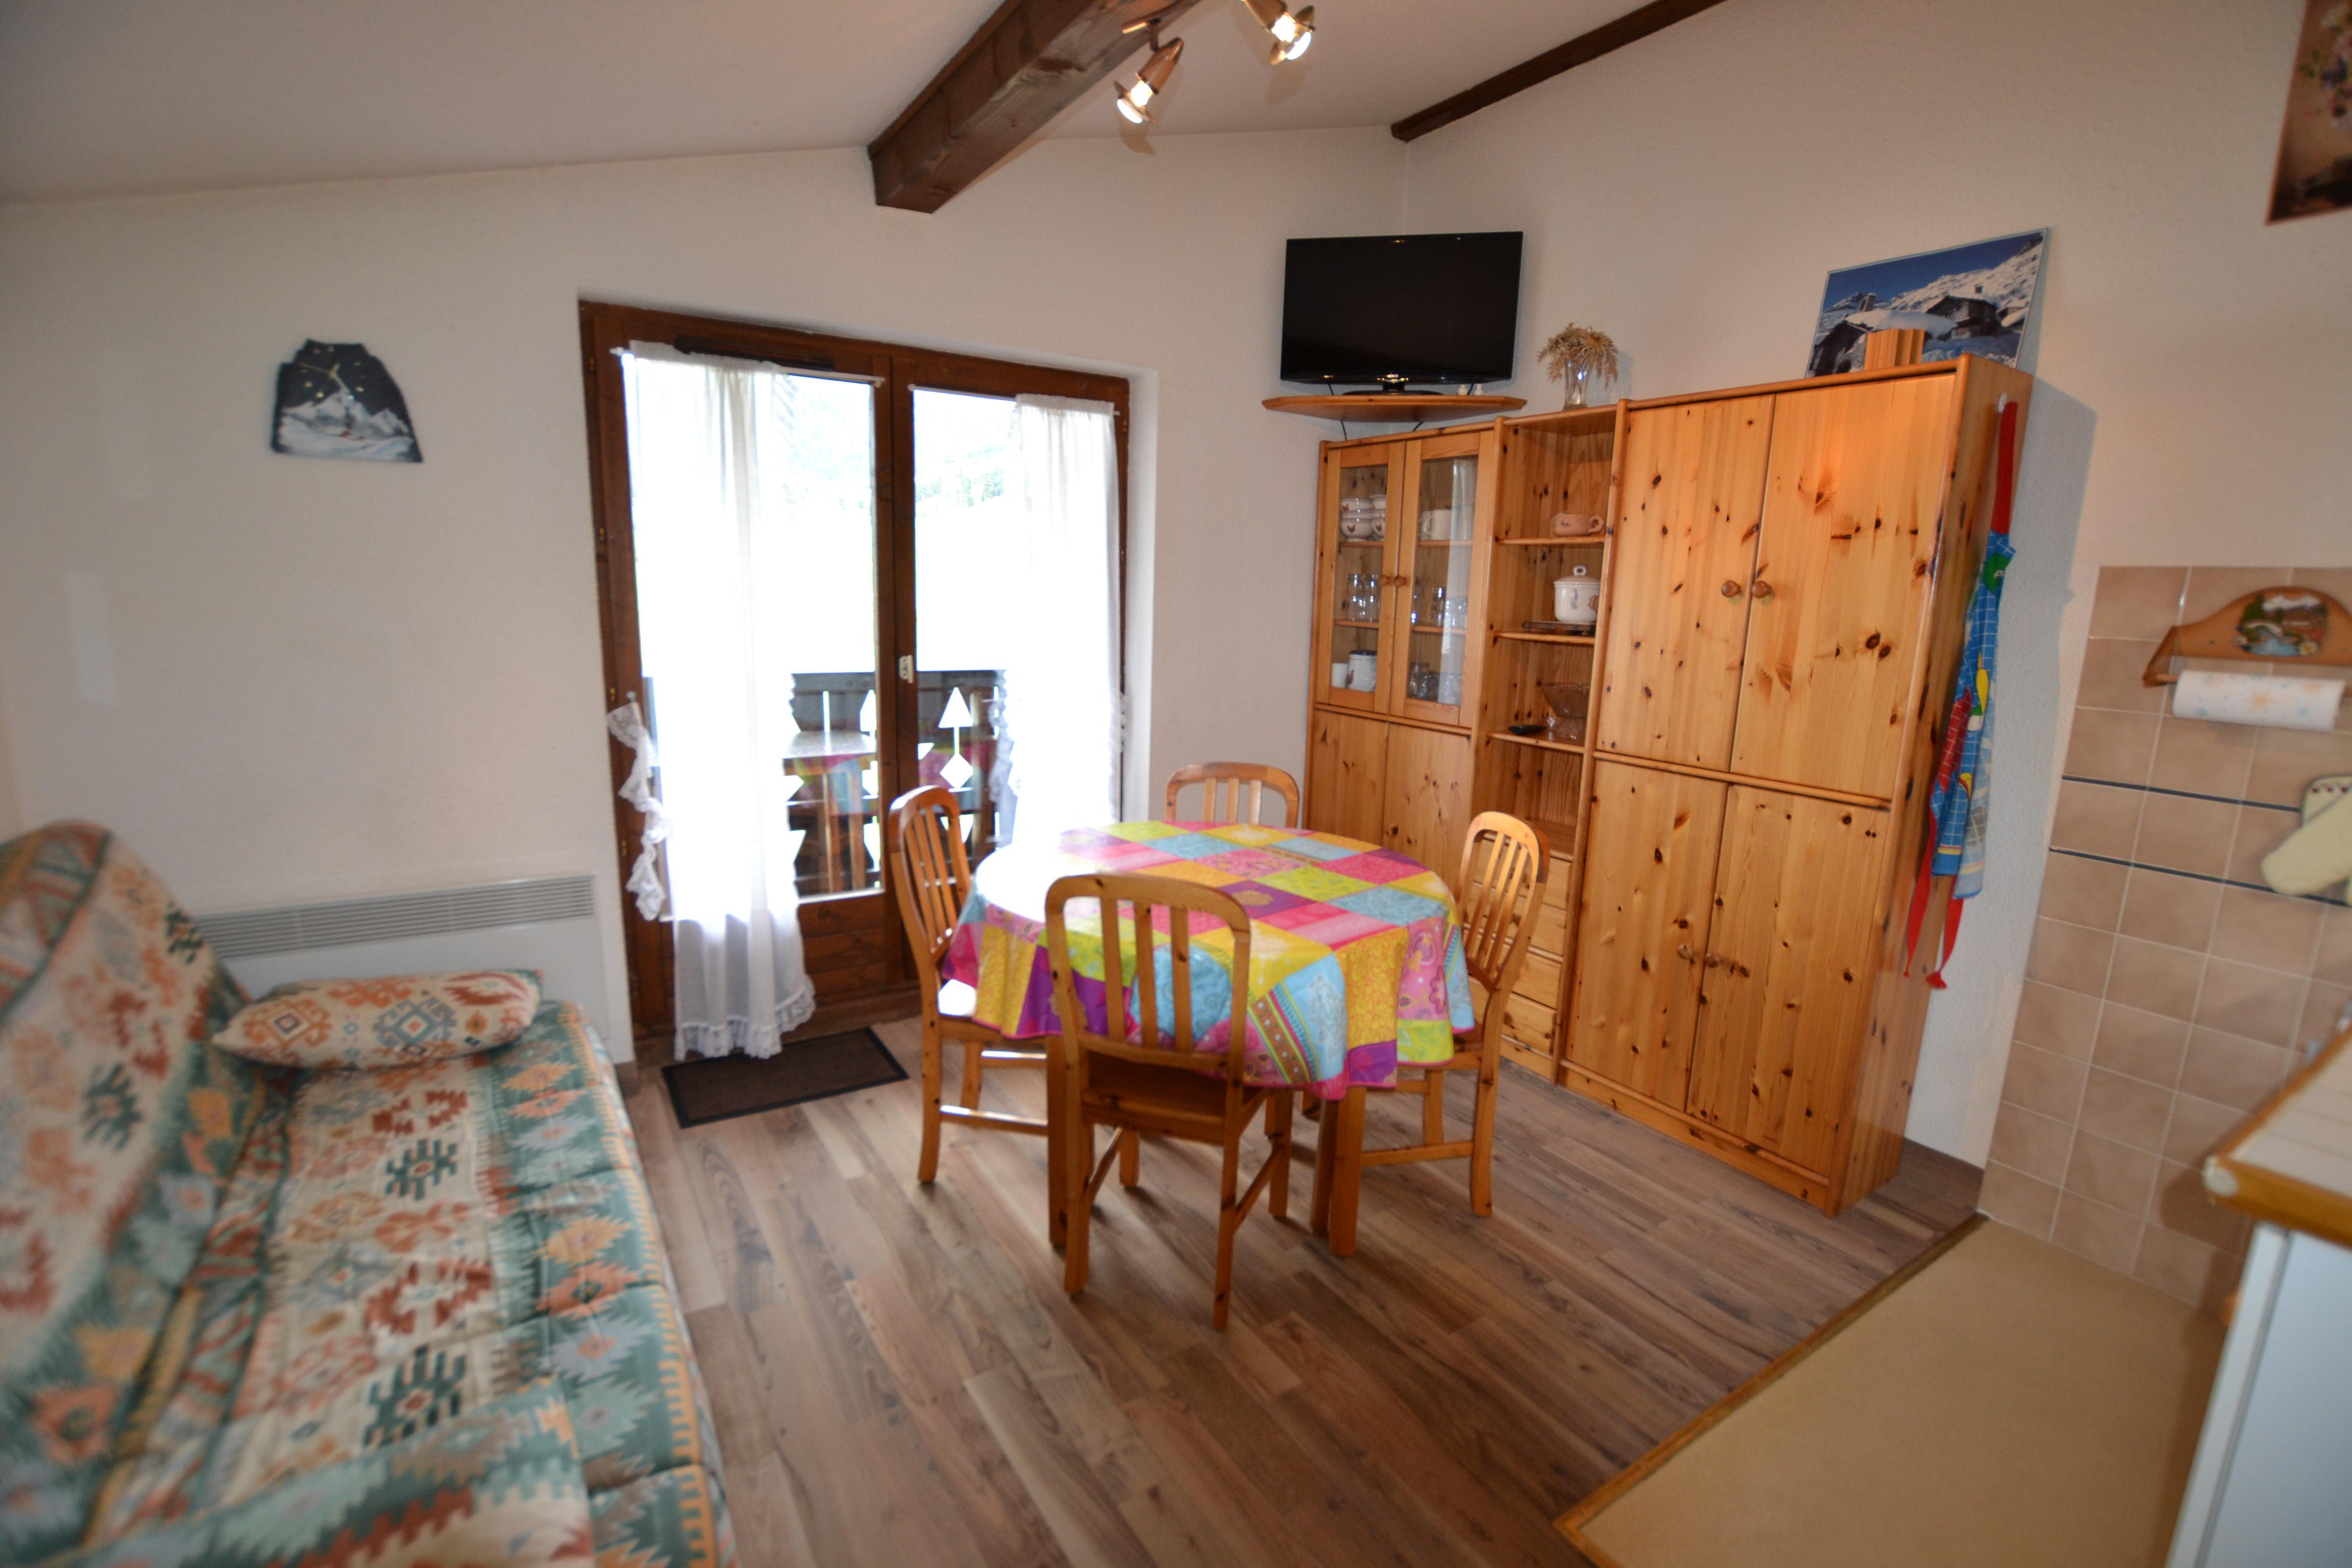 Location vacances 2 pièces cabine pour 4 personnes à Praz Sur Arly